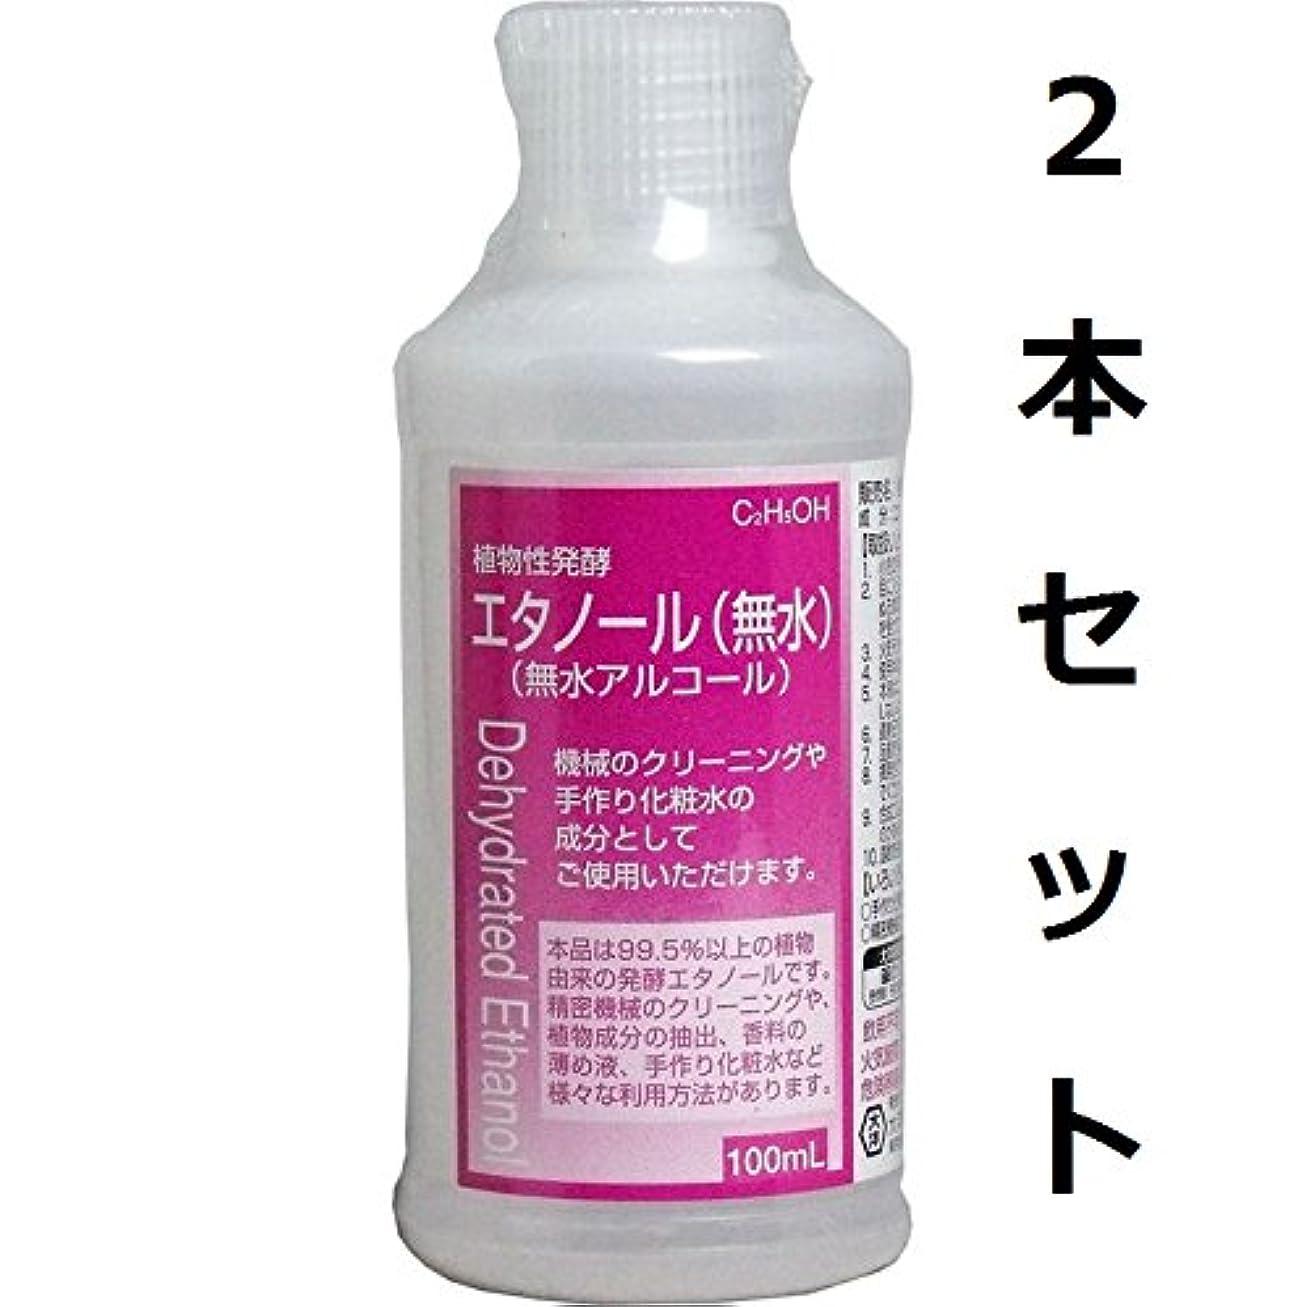 印象的なみすぼらしいたるみ手作り化粧水に 植物性発酵エタノール(無水エタノール) 100mL 2本セット